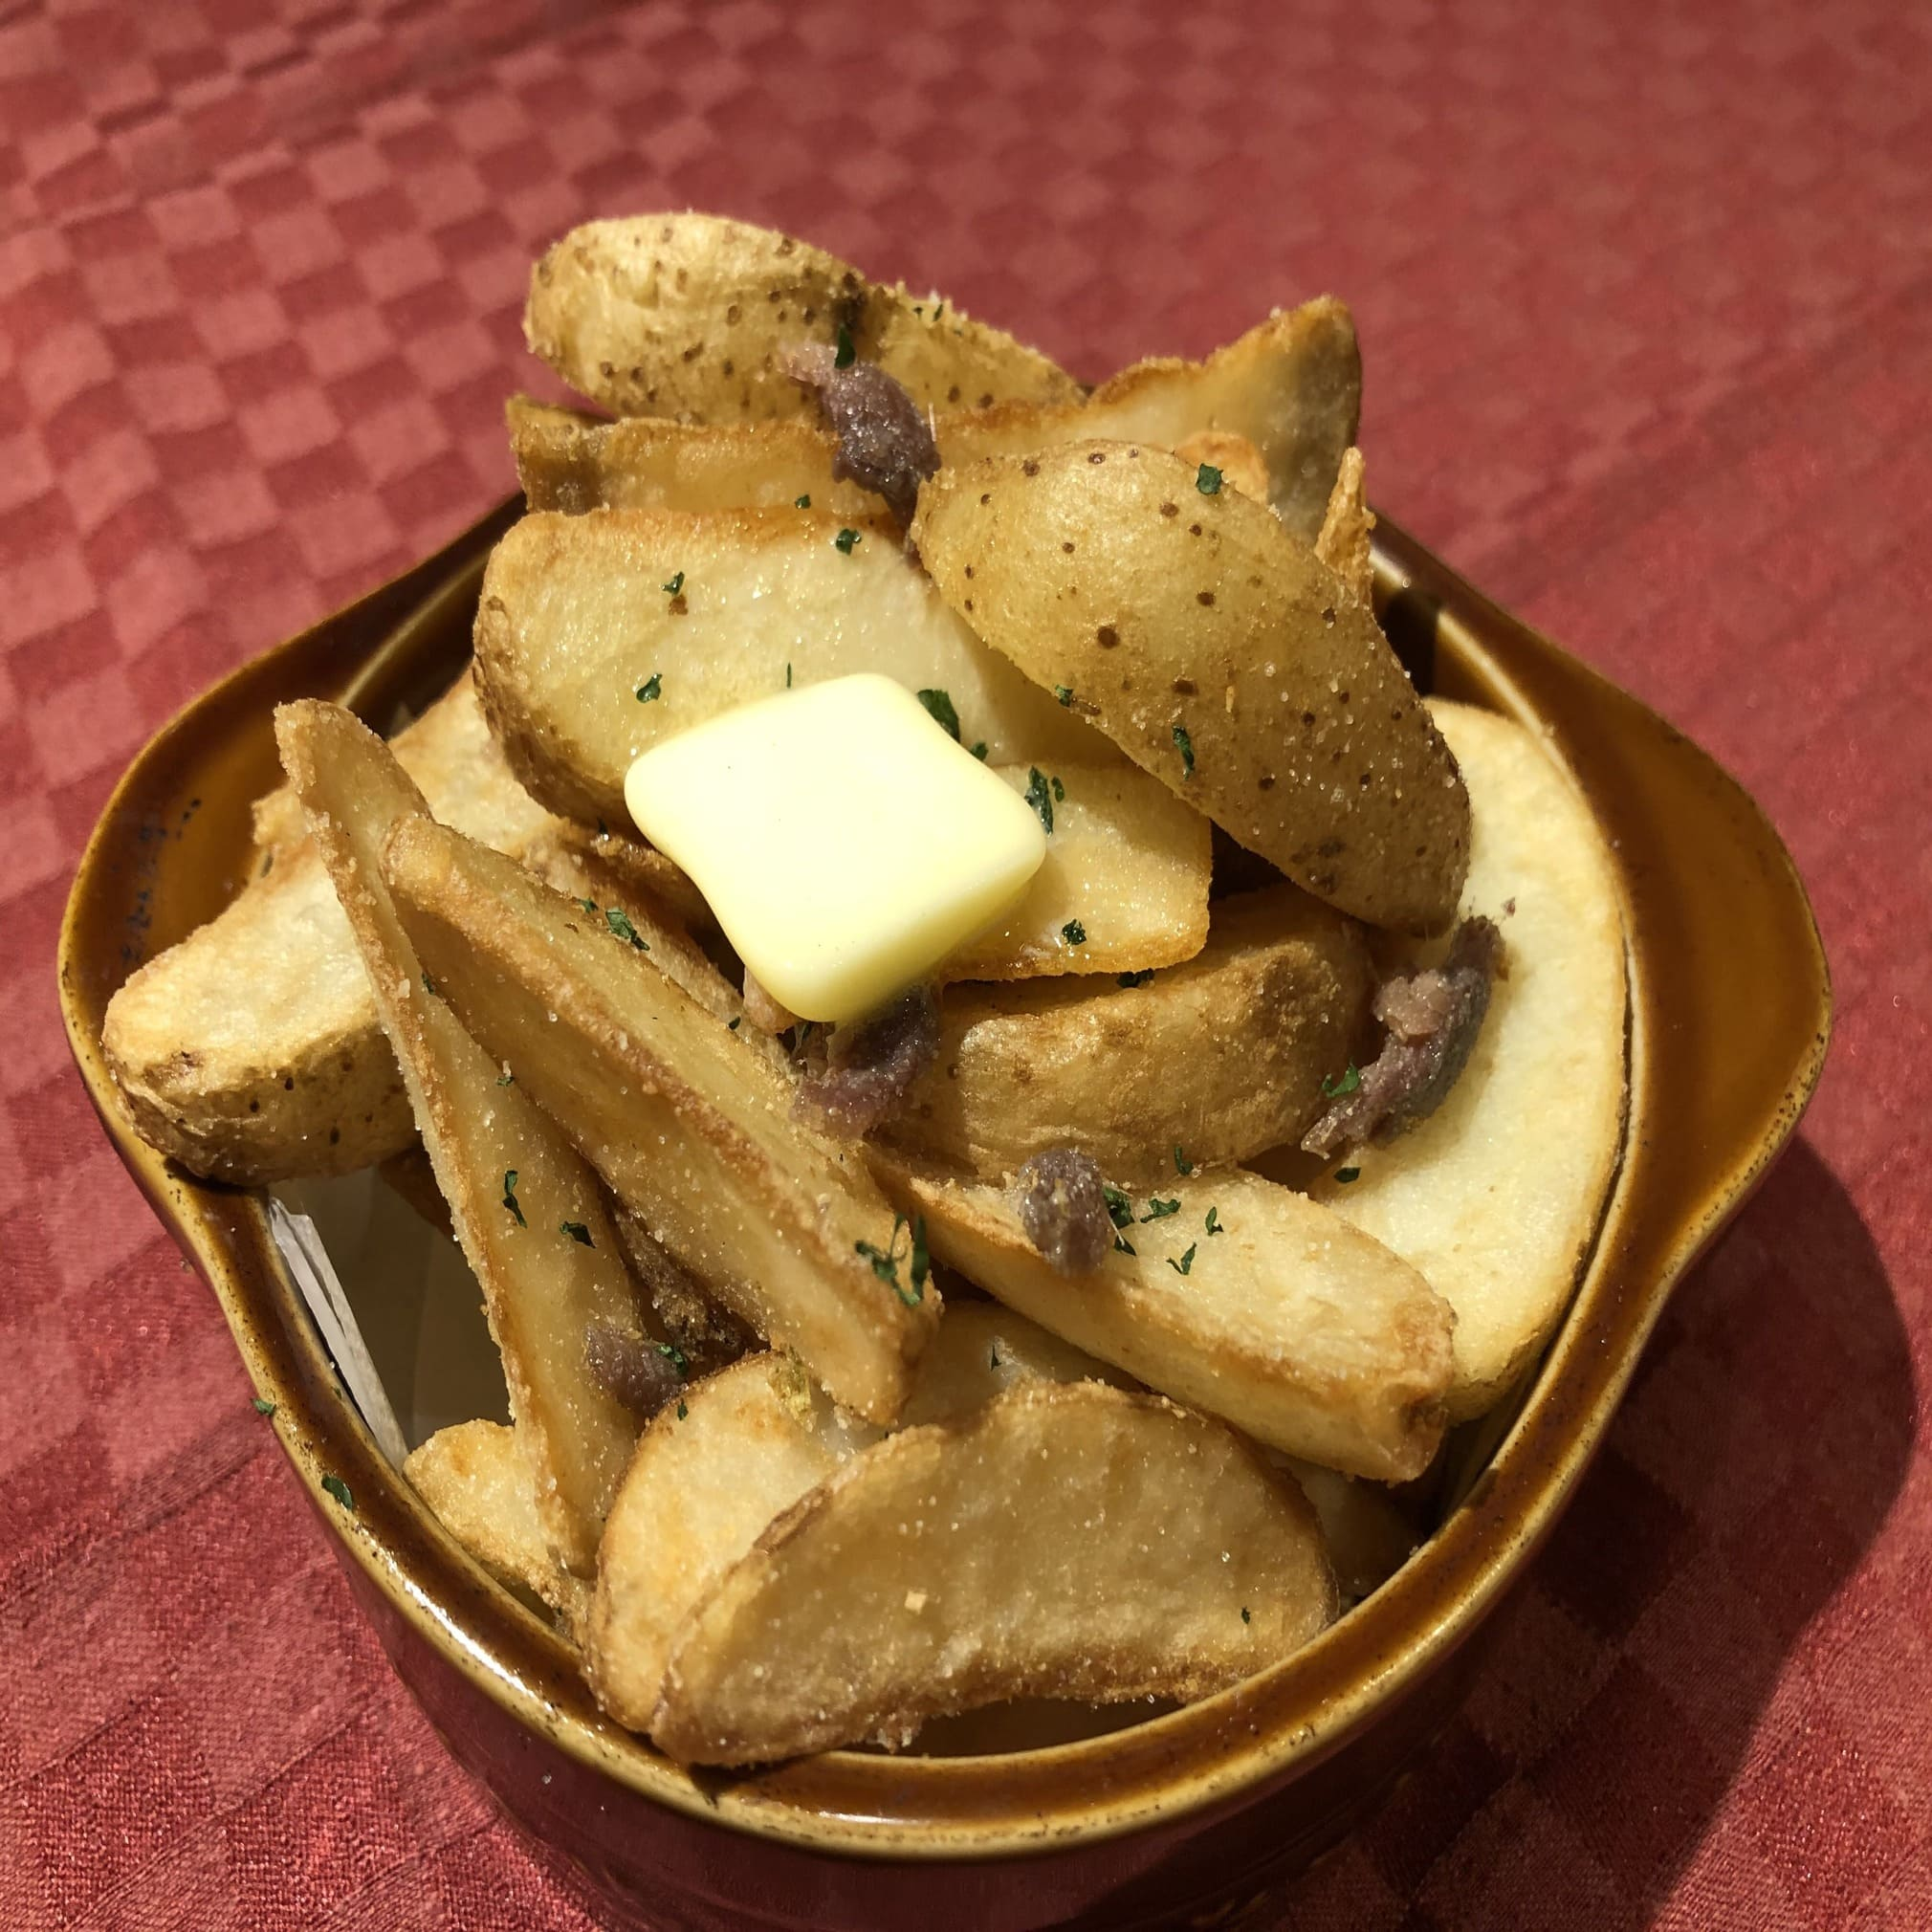 アンチョビとガーリック味のポテトフライ